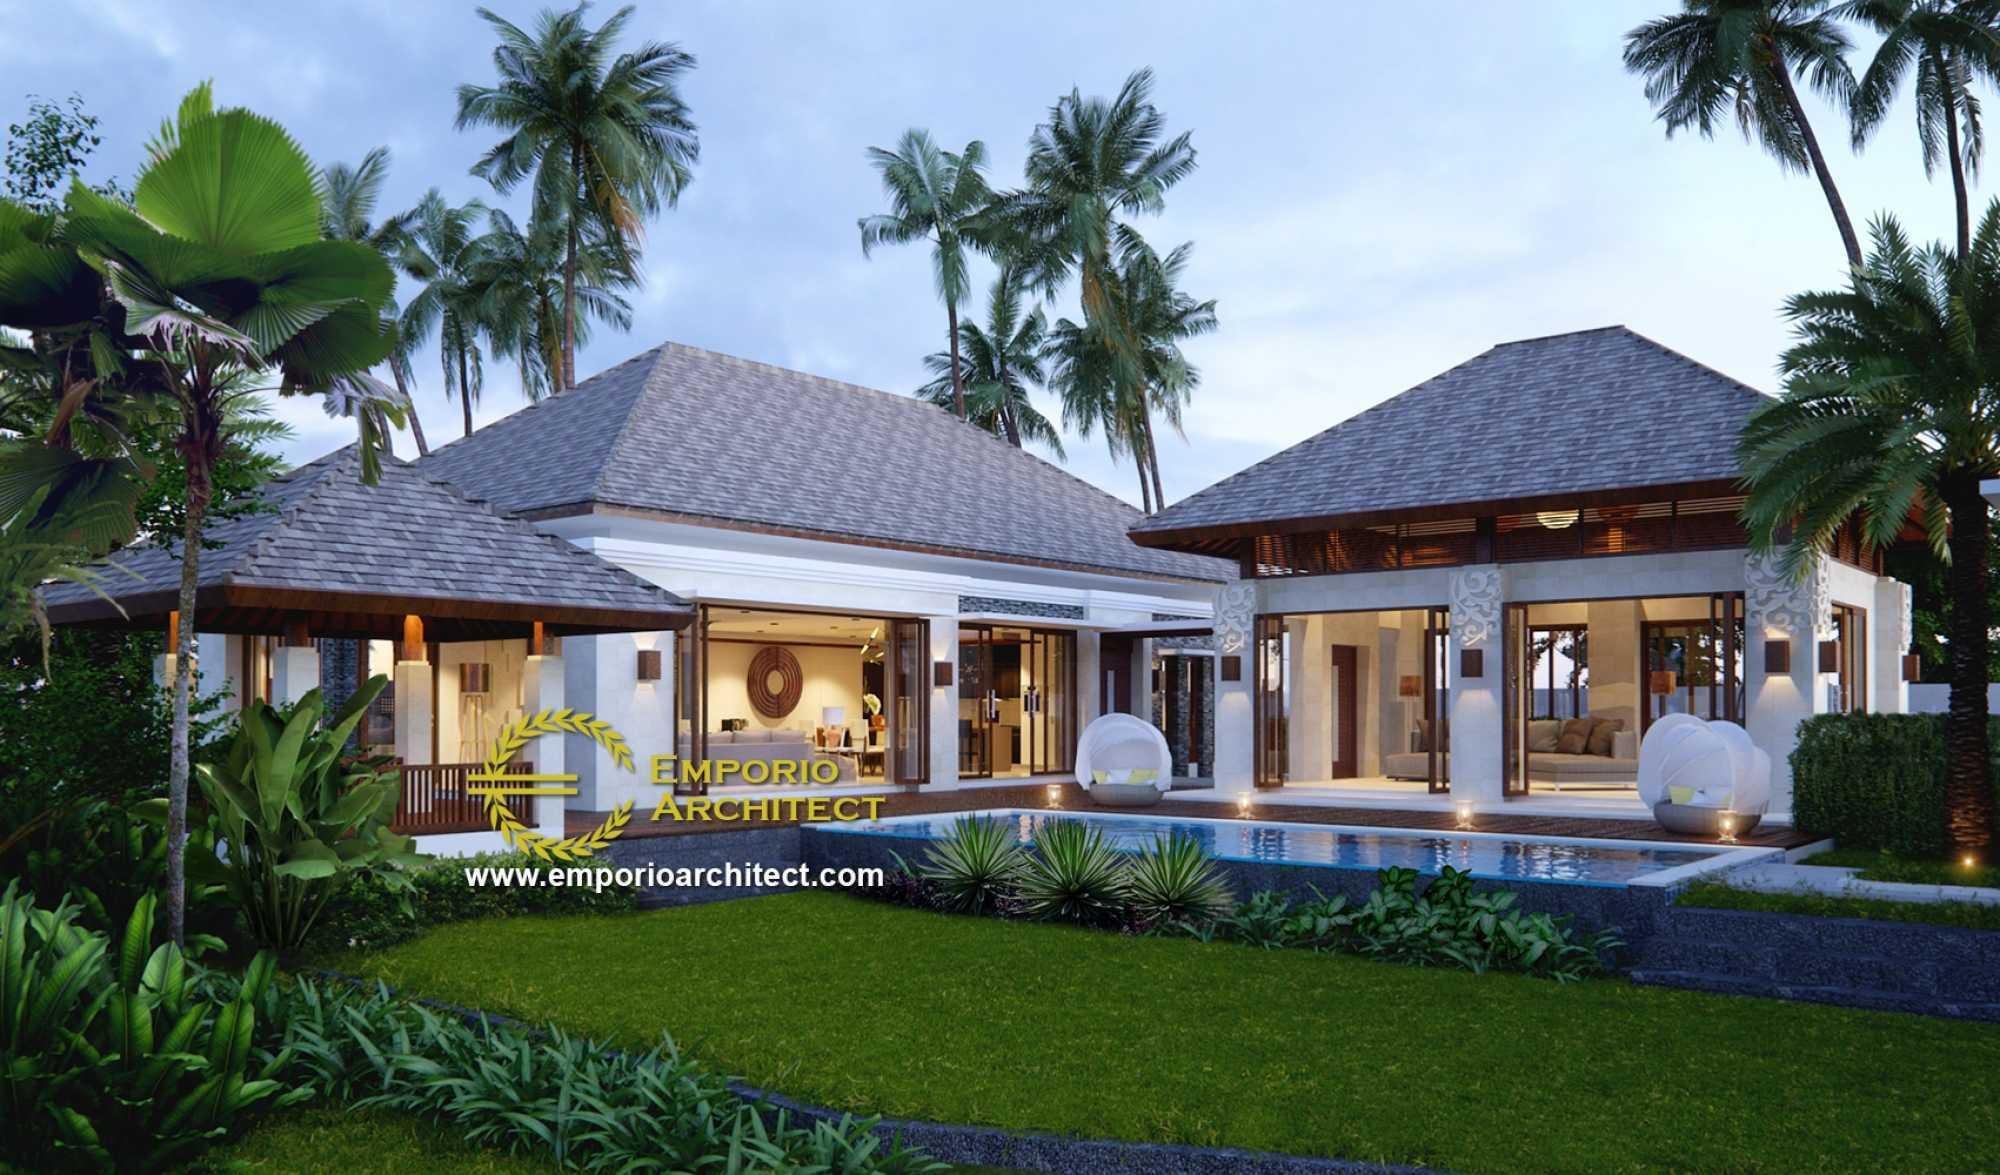 Desain Rumah Resort Minimalis Archives - Deagam Design